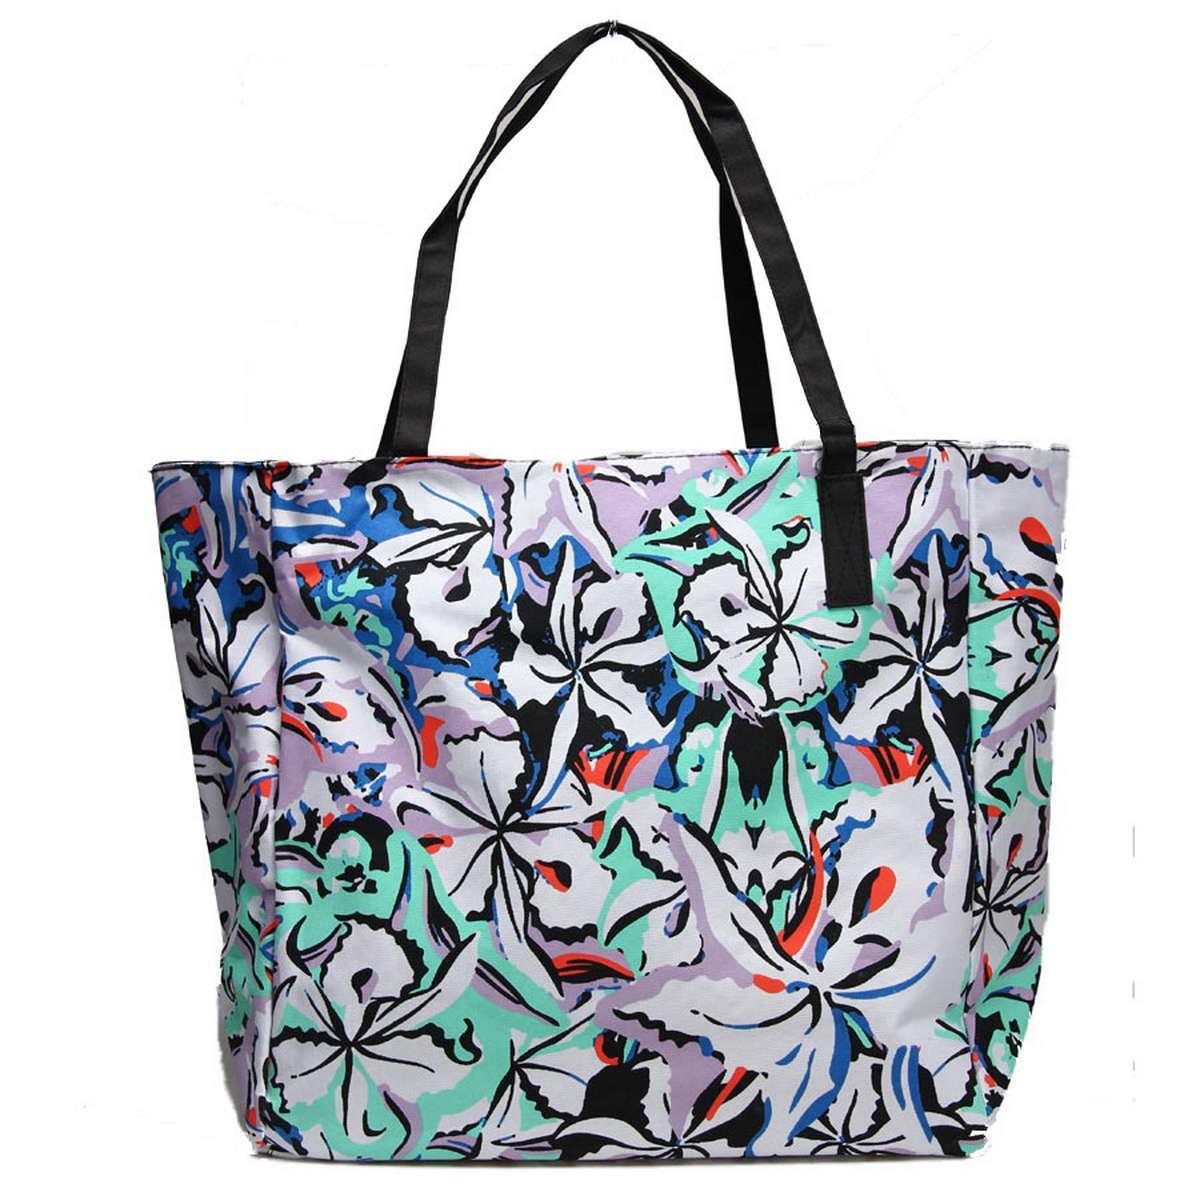 Сумка пляжная Venera, цвет: синий, белый, бирюза. 1200556-1/11200556-1/1Отличная пляжная сумка станет чудесным аксессуаром этого сезона, а стильный дизайн и средние размеры позволят Вам вместить все нужные вещи.